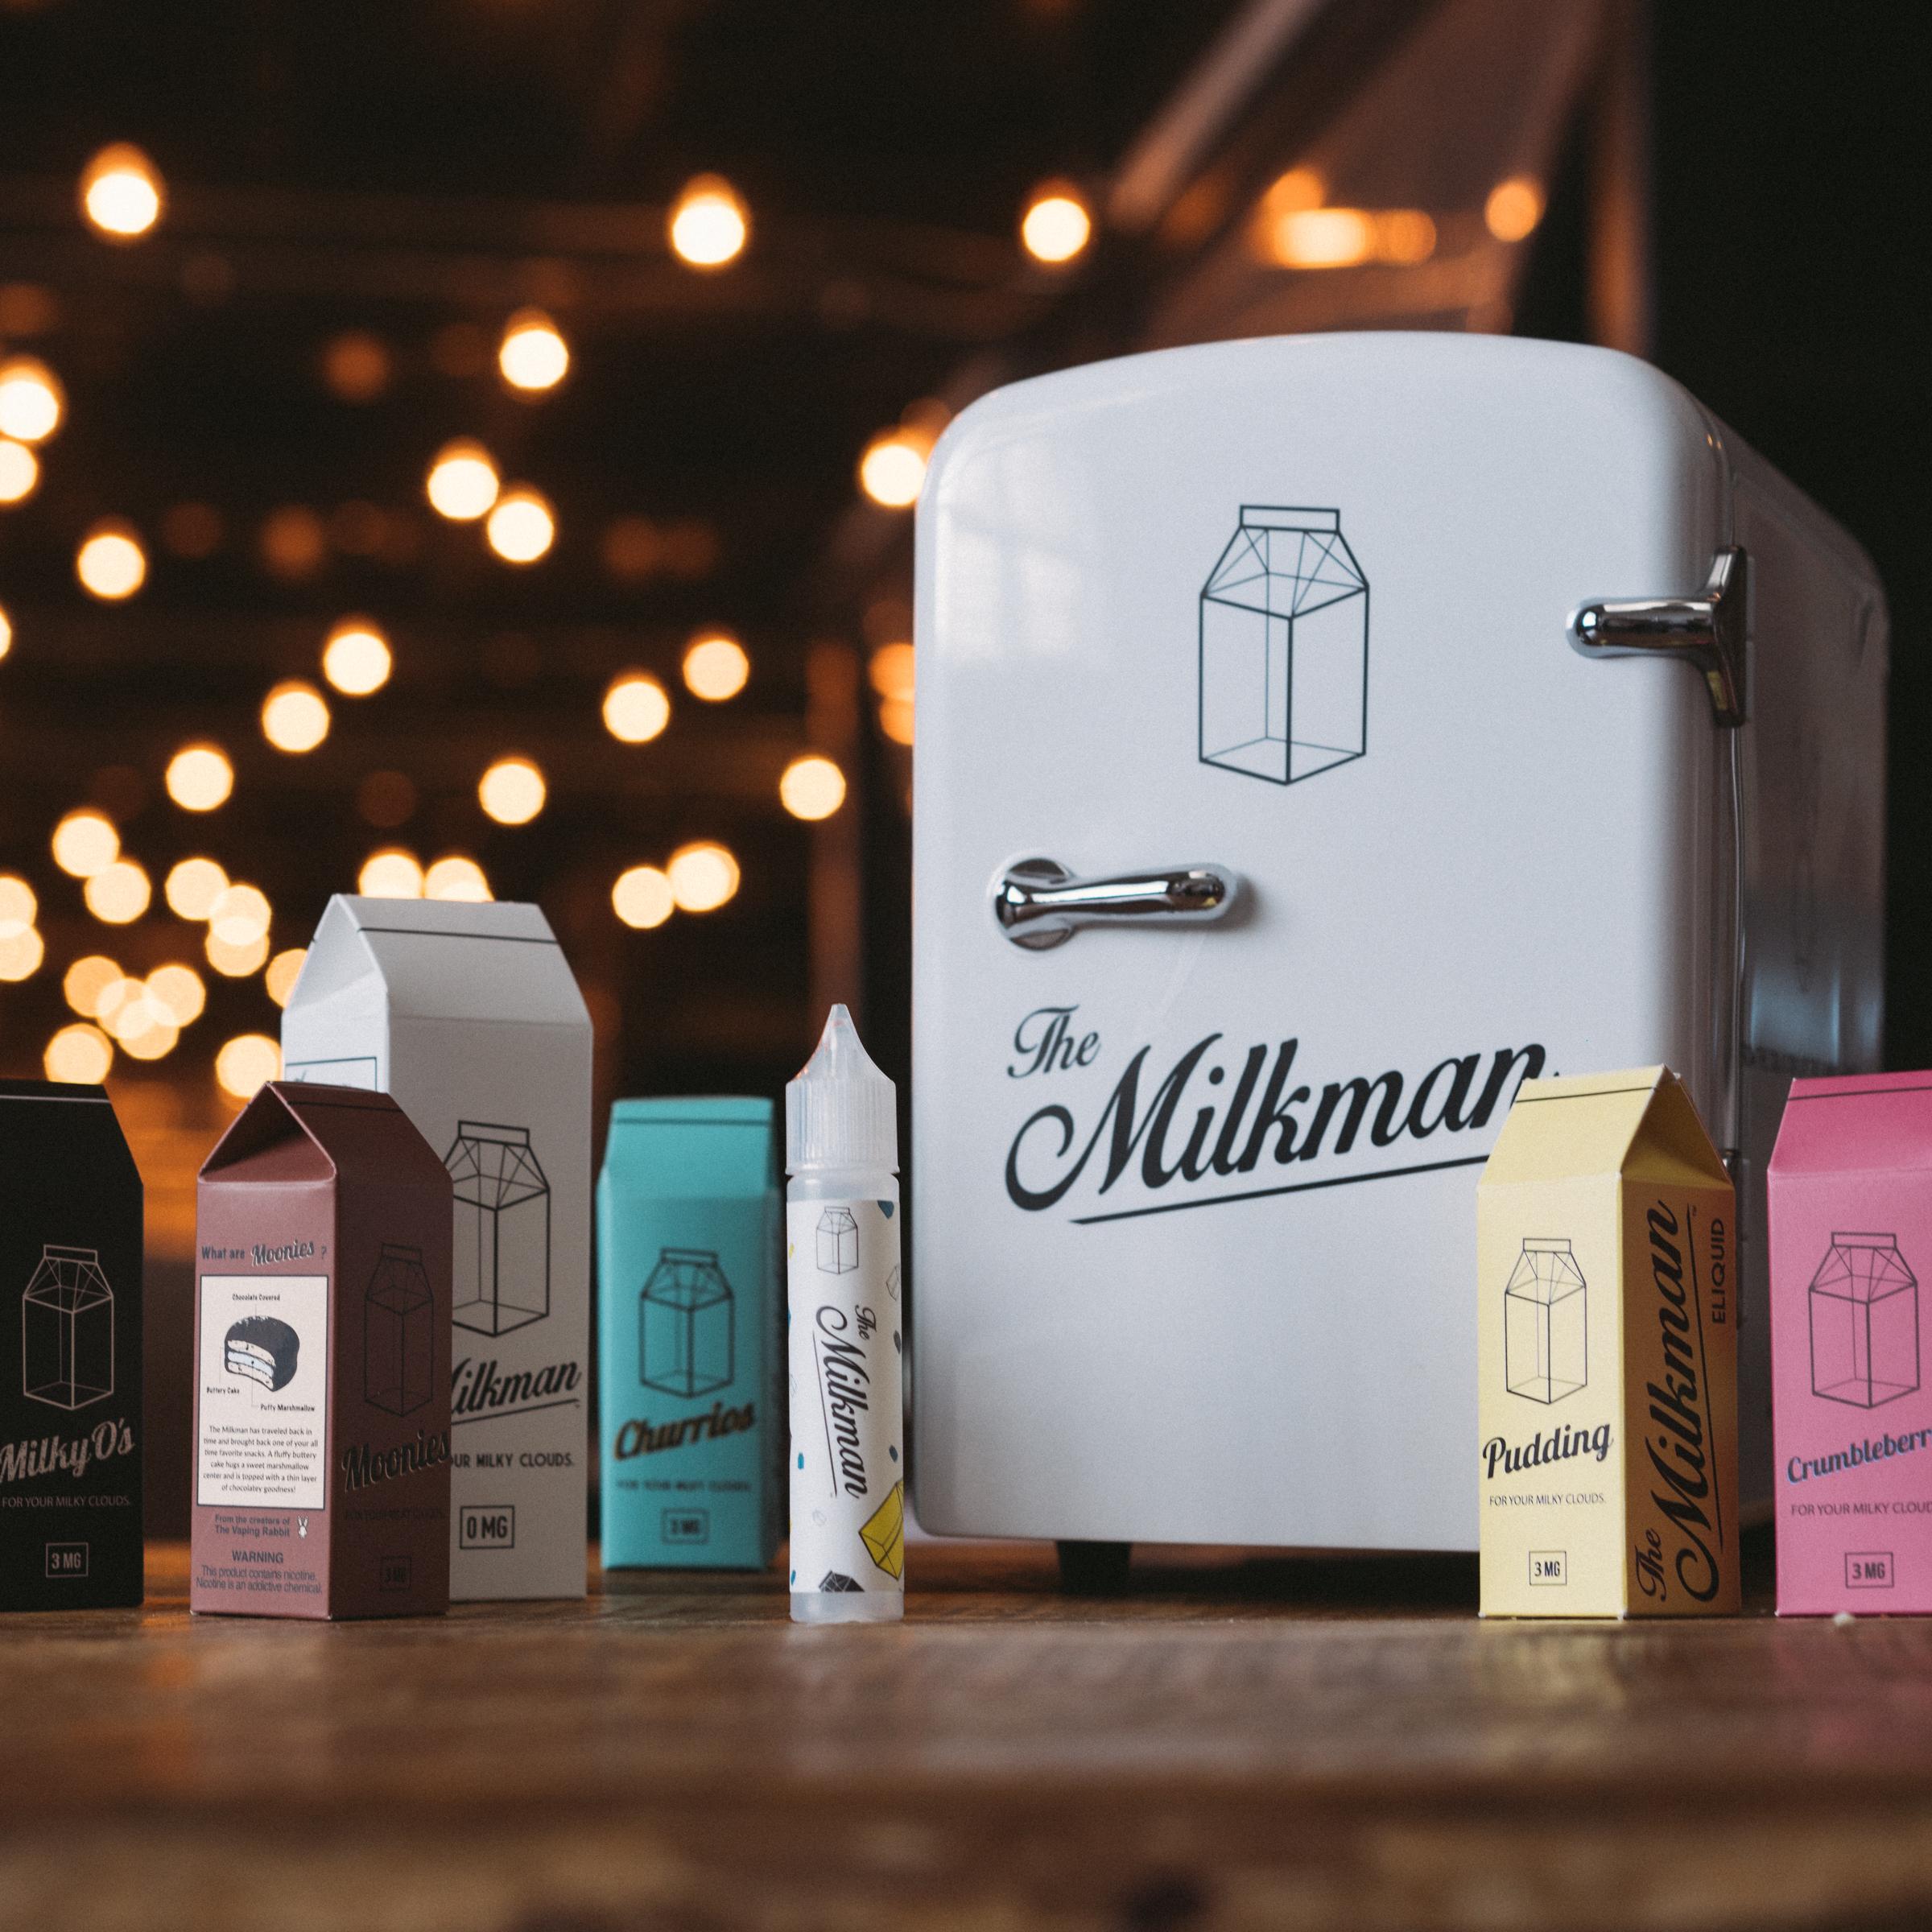 The Milkman 30mL Unicorn Bottle  Photo